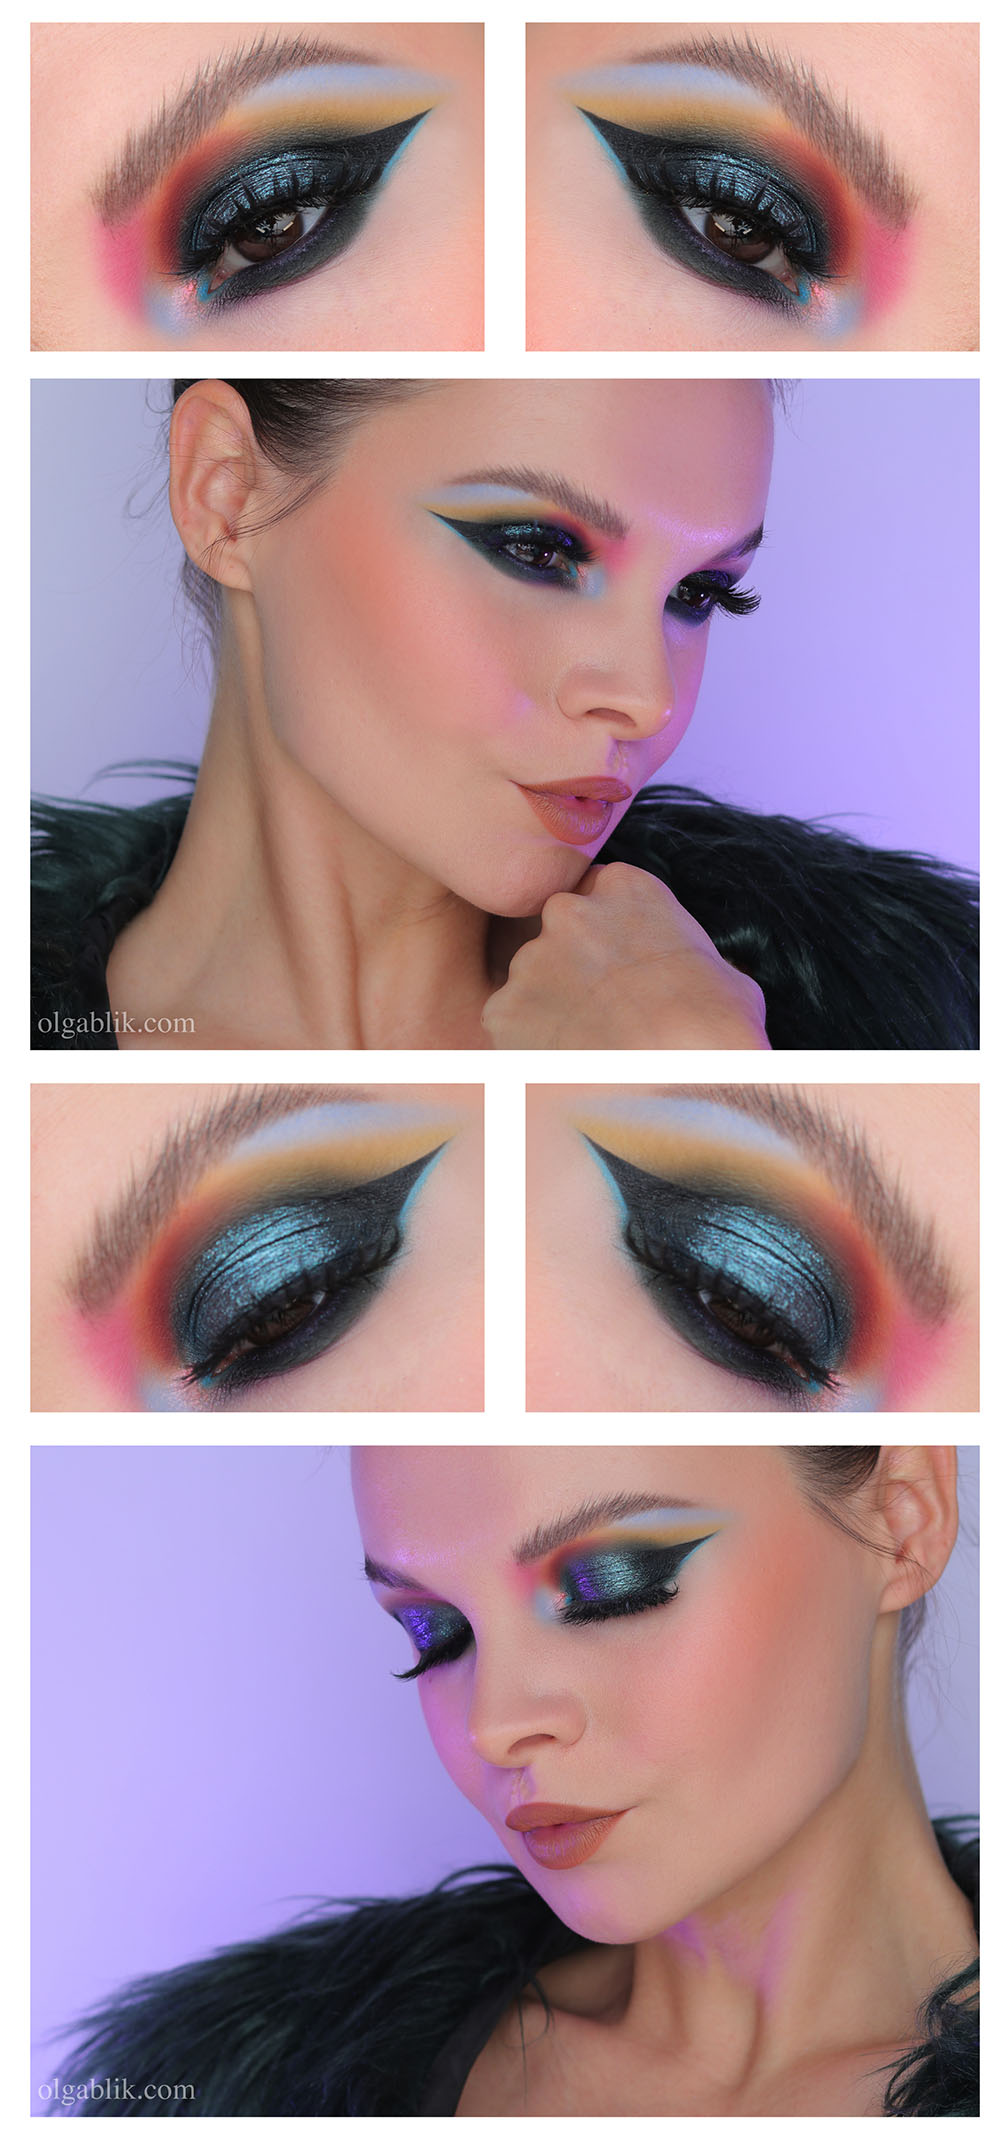 Креативный макияж глаз, макияж глаз фото, креативный макияж для фотосессии